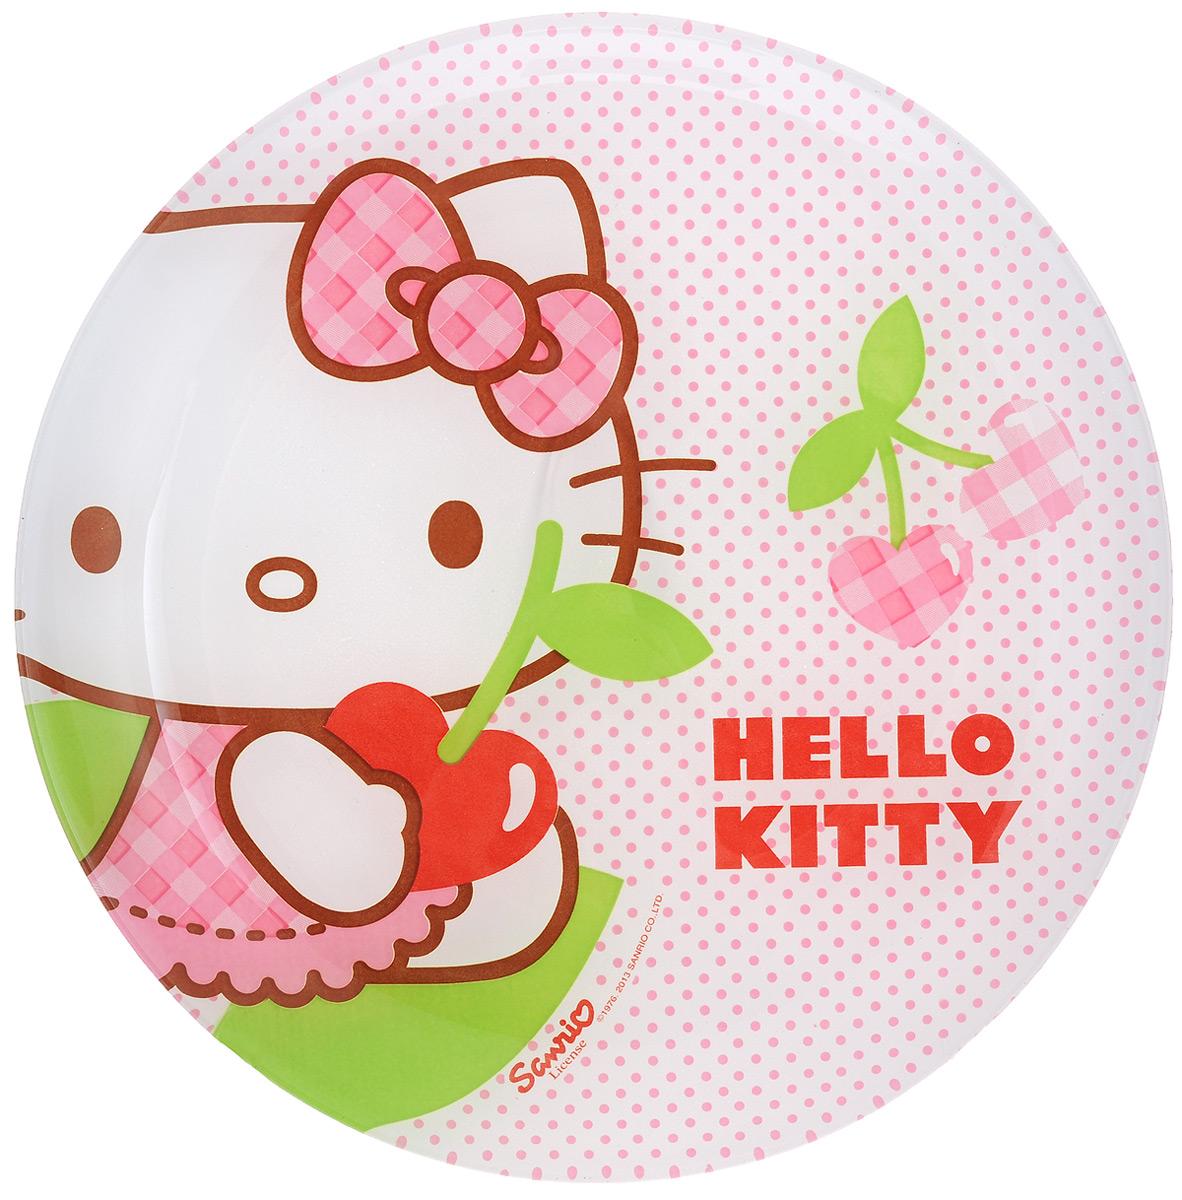 Тарелка десертная Luminarc Hello Kitty Cherries, диаметр 20,5 смVT-1520(SR)Десертная тарелка Luminarc Hello Kitty Cherries, изготовленная из ударопрочного стекла, имеет изысканный внешний вид. Такая тарелка прекрасно подходит как для торжественных случаев, так и для повседневного использования. Идеальна для подачи десертов, пирожных, тортов и многого другого. Она прекрасно оформит стол и станет отличным дополнением к вашей коллекции кухонной посуды. Диаметр тарелки (по верхнему краю): 20,5 см.